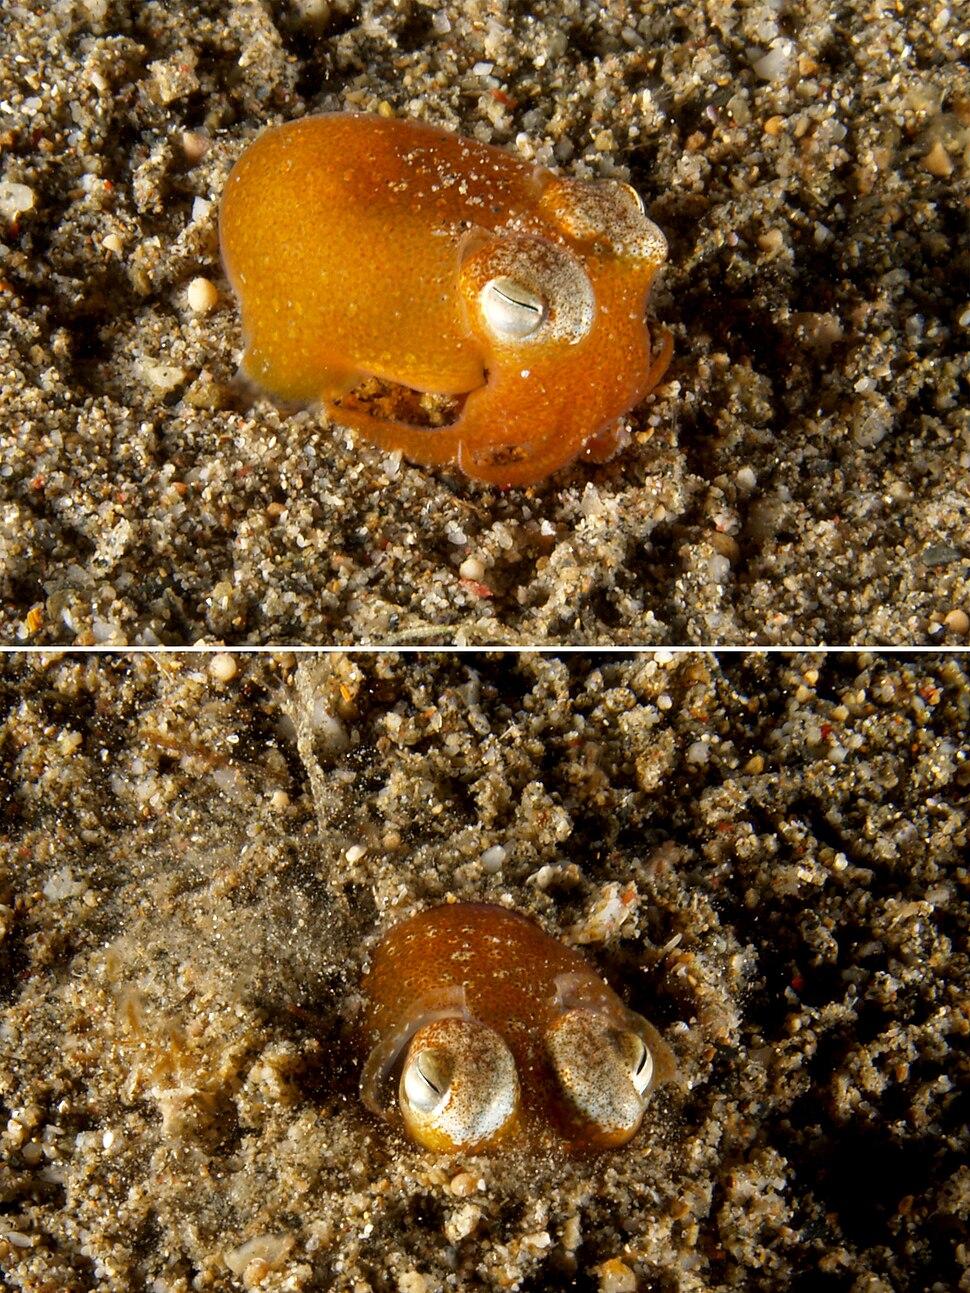 Euprymna scolopes (Bobtail squid) behavior